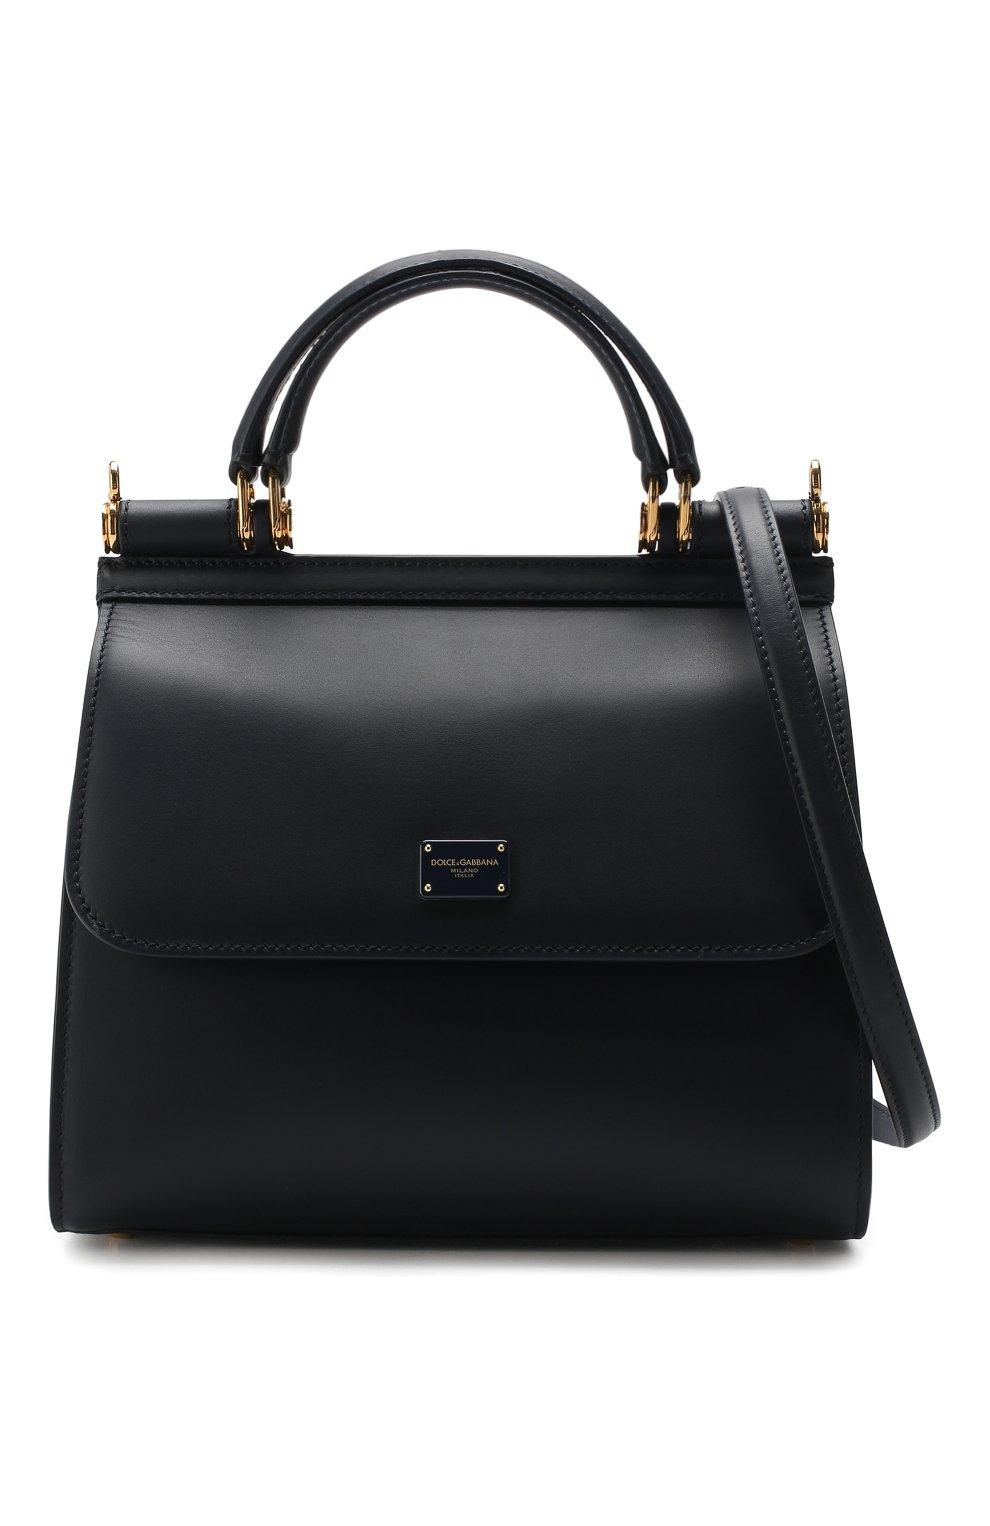 44a540e93039 Женская сумка sicily 58 small DOLCE & GABBANA темно-синяя цвета ...